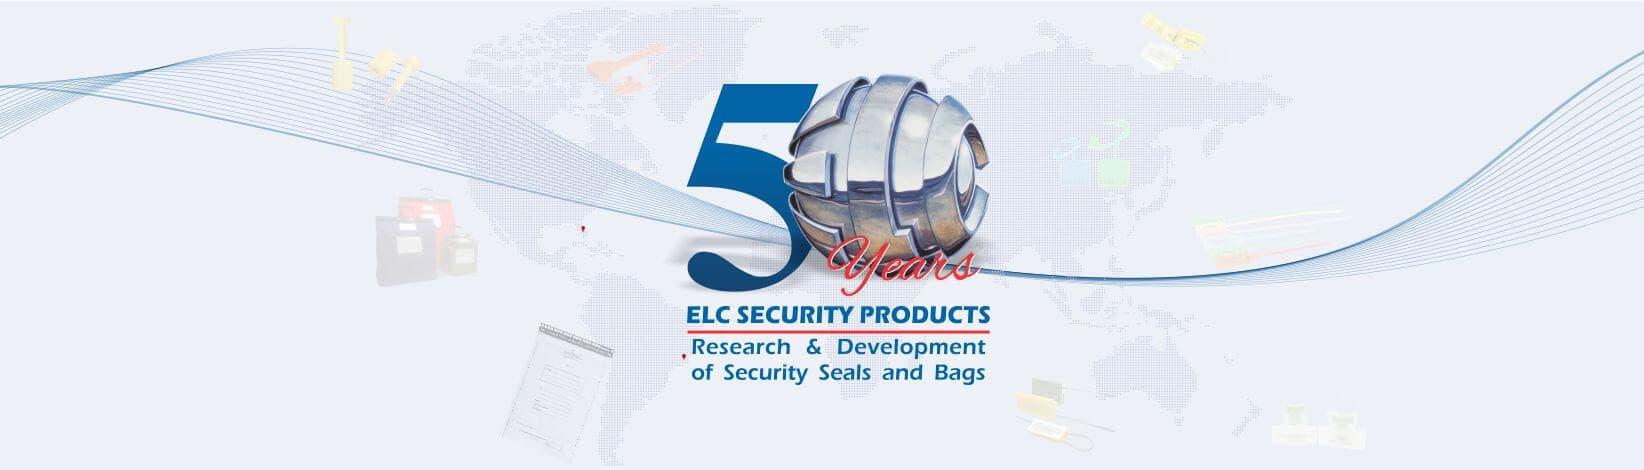 elc-50-years